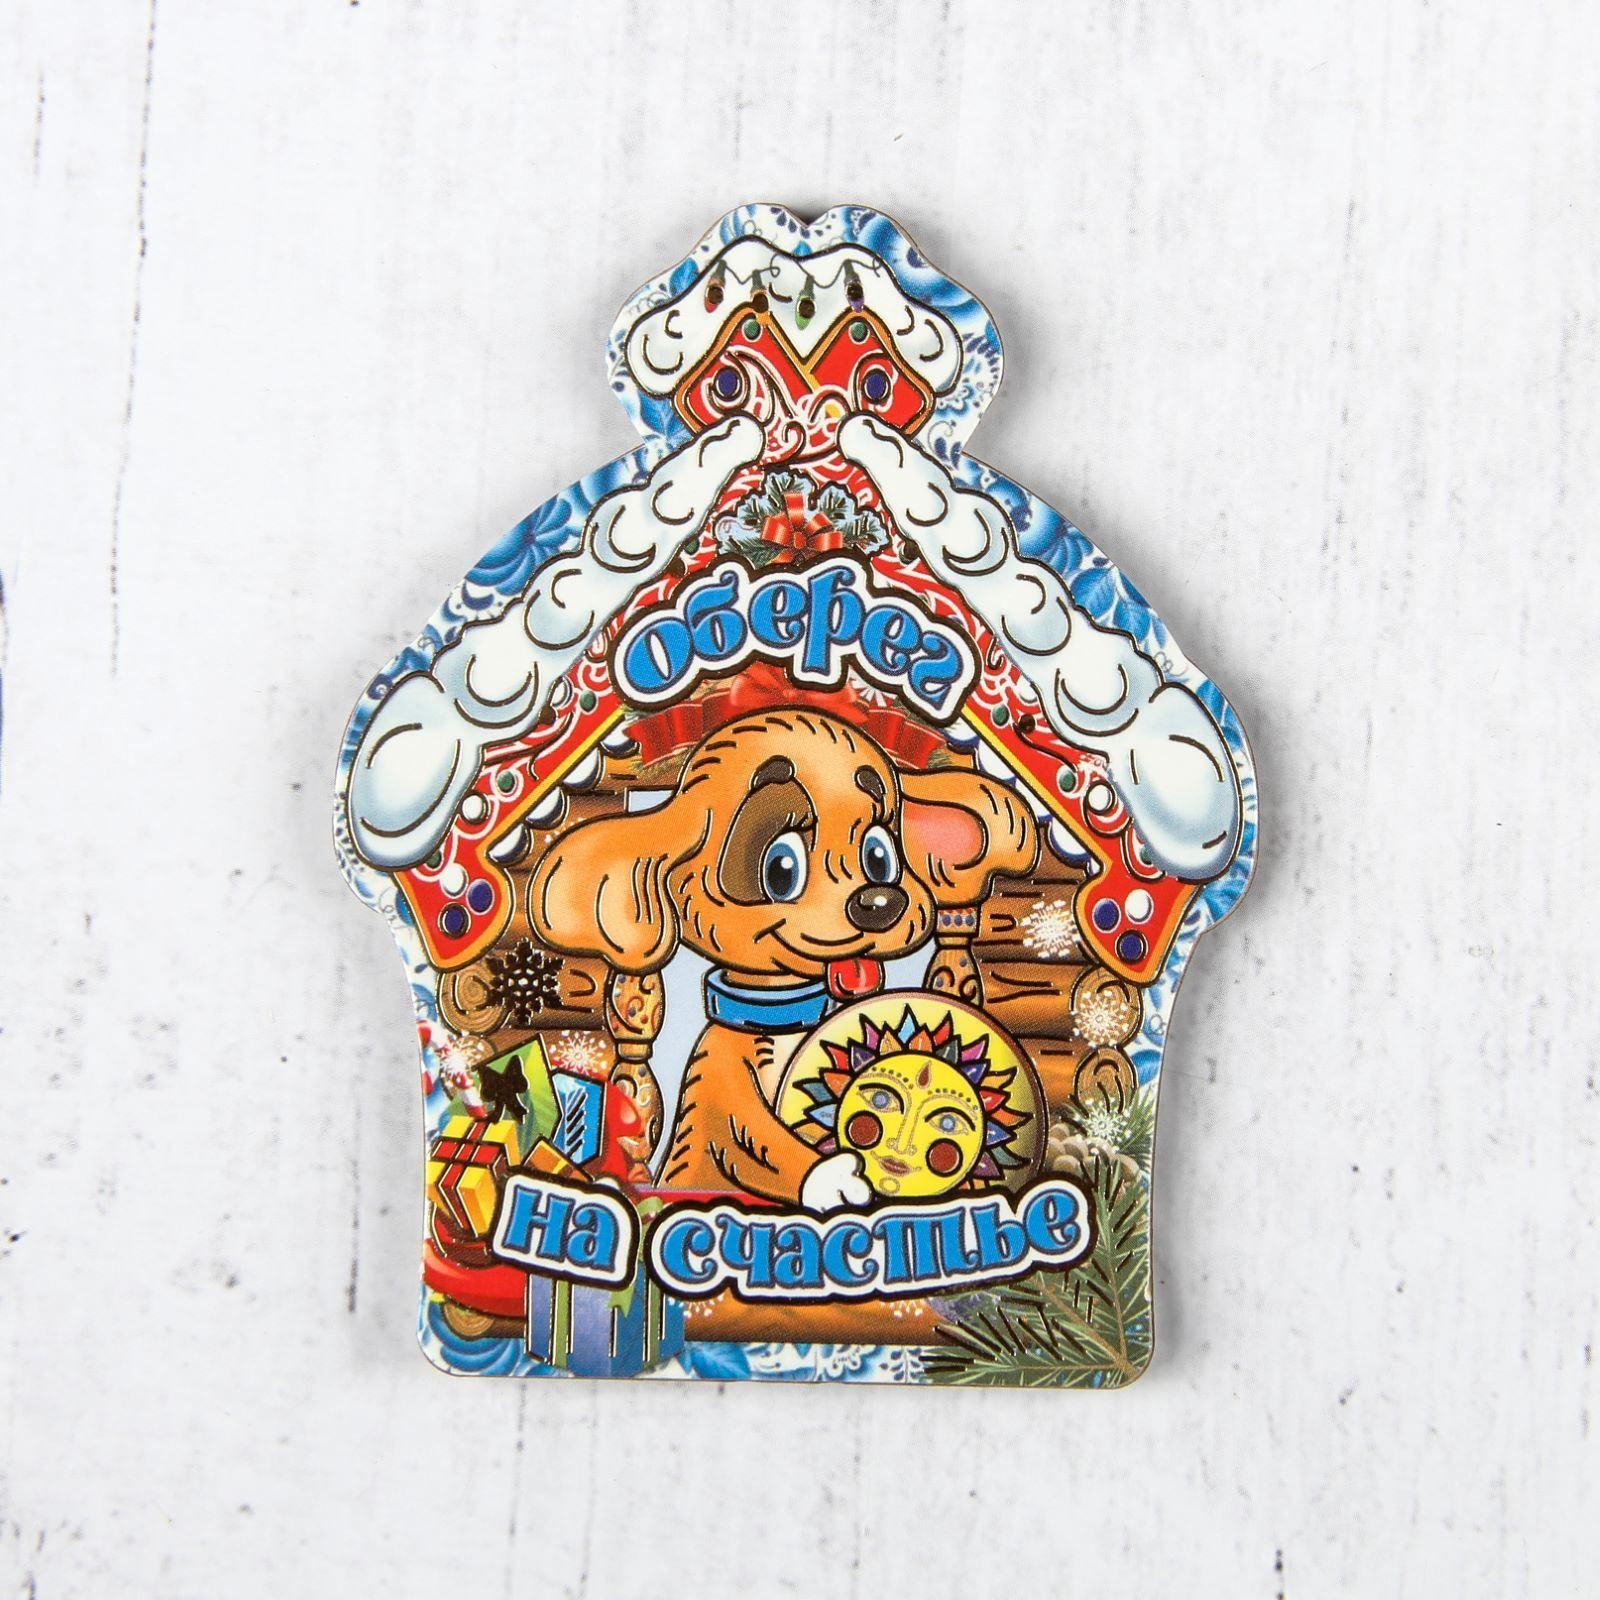 Магнит Sima-land Новогодний. 2018, 10 х 7,5 см. 25324122532412Порадуйте родных и близких оригинальным сувениром: преподнесите в подарок магнит. С ним даже самый серьёзный человек почувствует себя ребёнком, ожидающим чудо! Создайте праздничное настроение, и оно останется с вами на весь год.